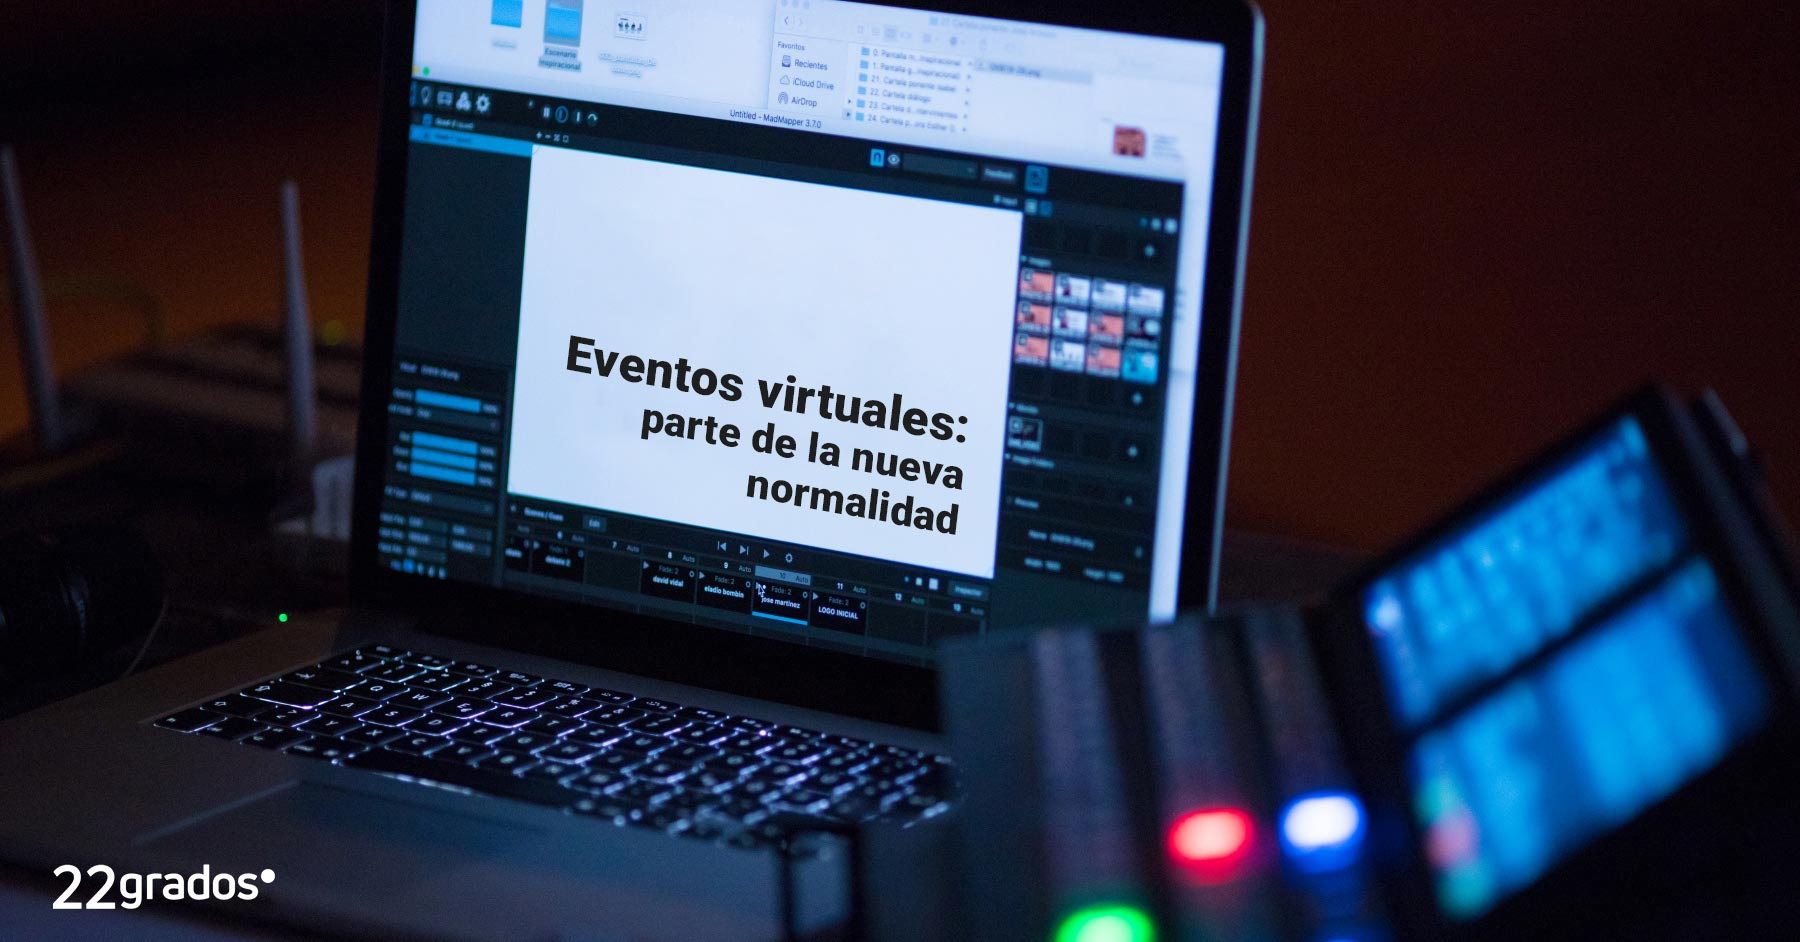 Eventos virtuales: parte de la nueva normalidad